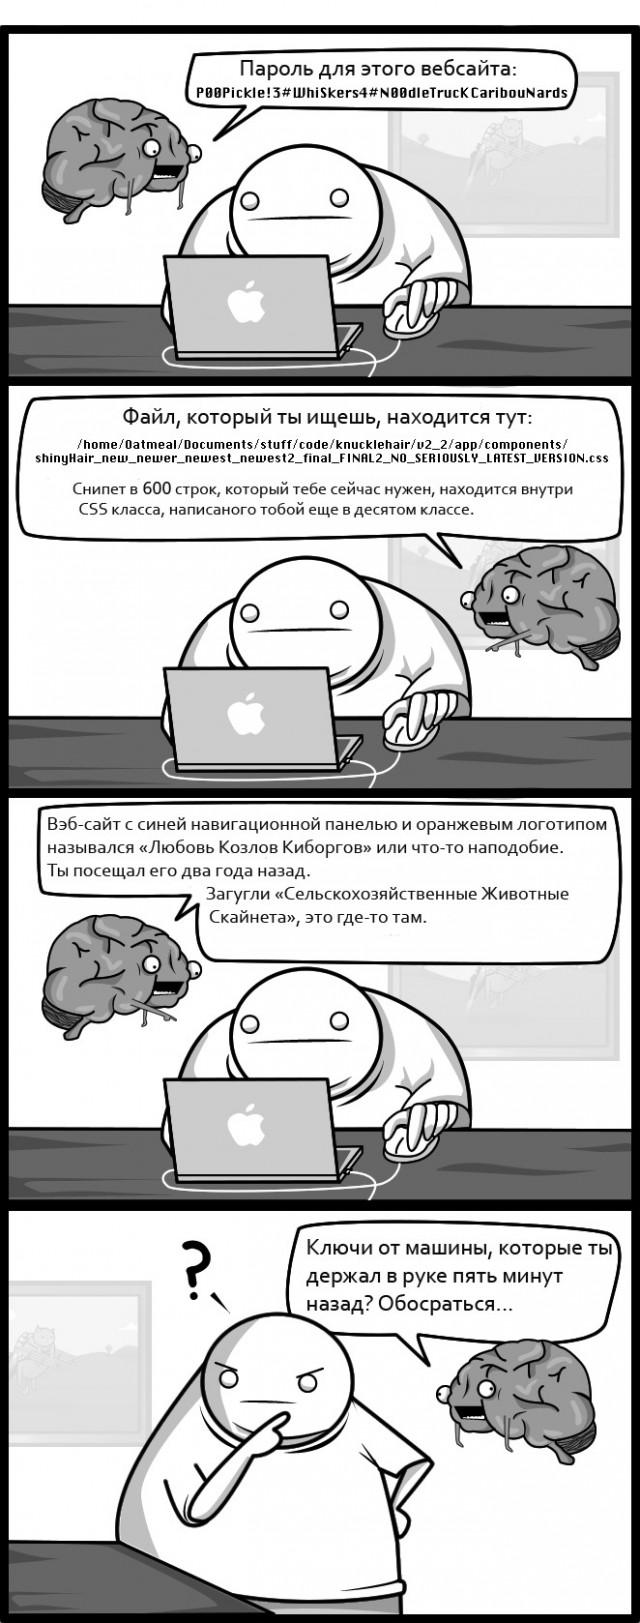 Если бы мой мозг был бы моим воображаемым другом.